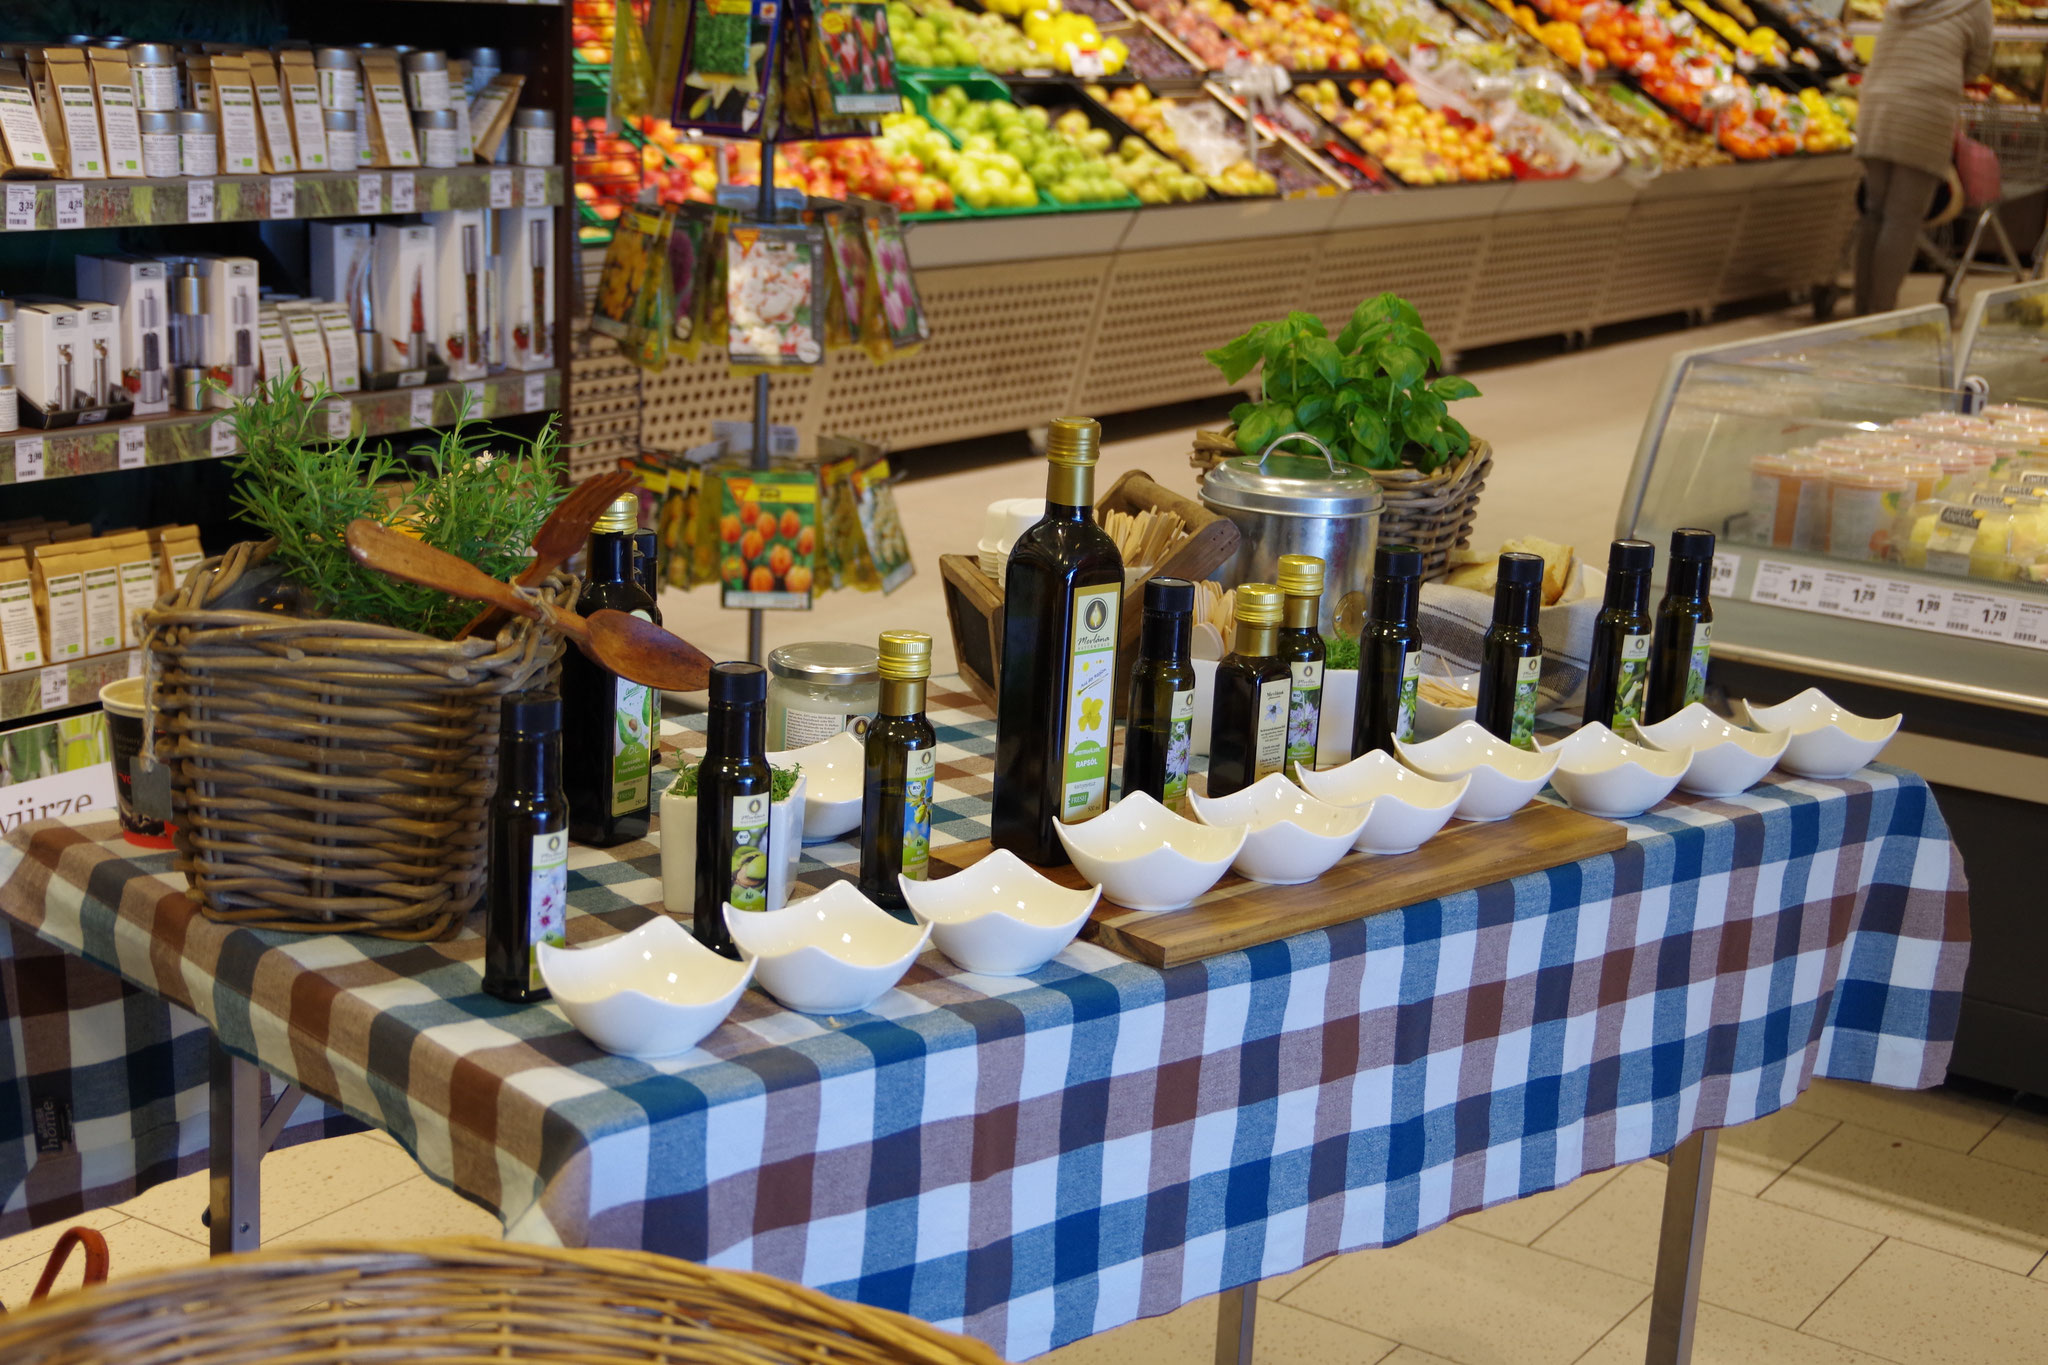 Verköstigung Rewe Markt Markus Kelterbaum, Zum Kalkofen 74, 53844 Troisdorf